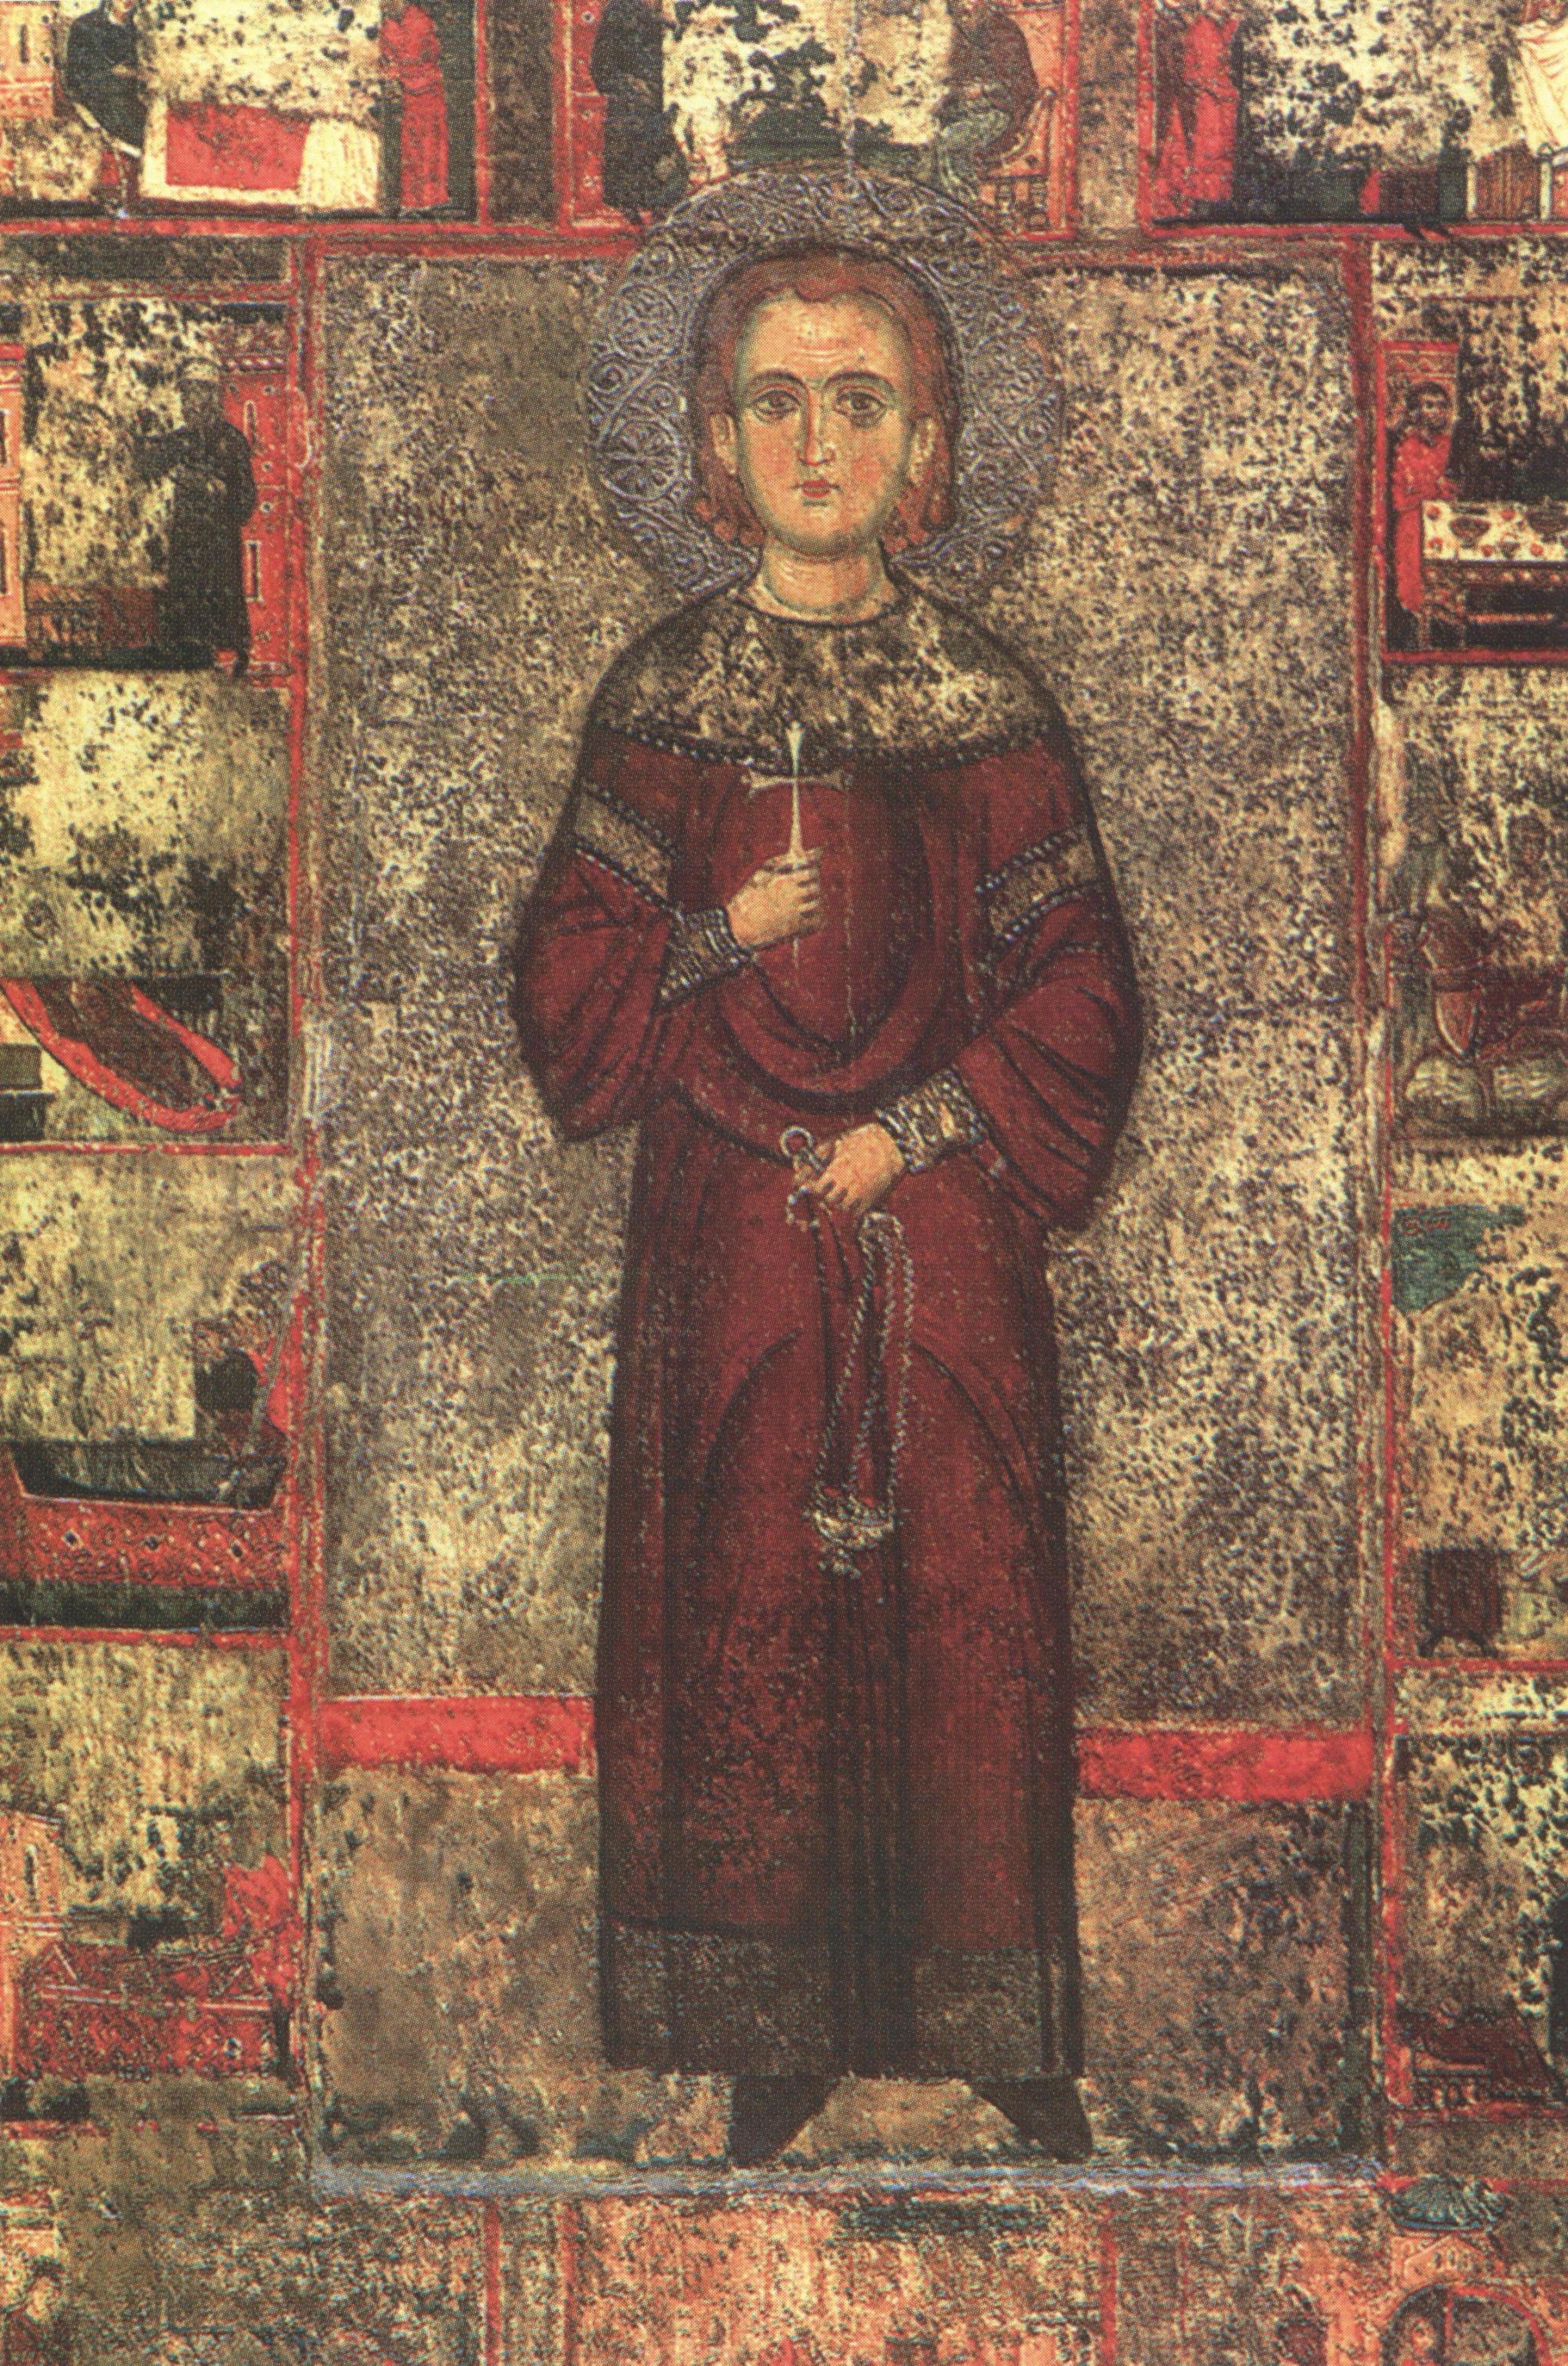 Ο Άγιος Ιωάννης ο Λαμπαδιστής (Φορητή Εικόνα 13ου αιώνα)